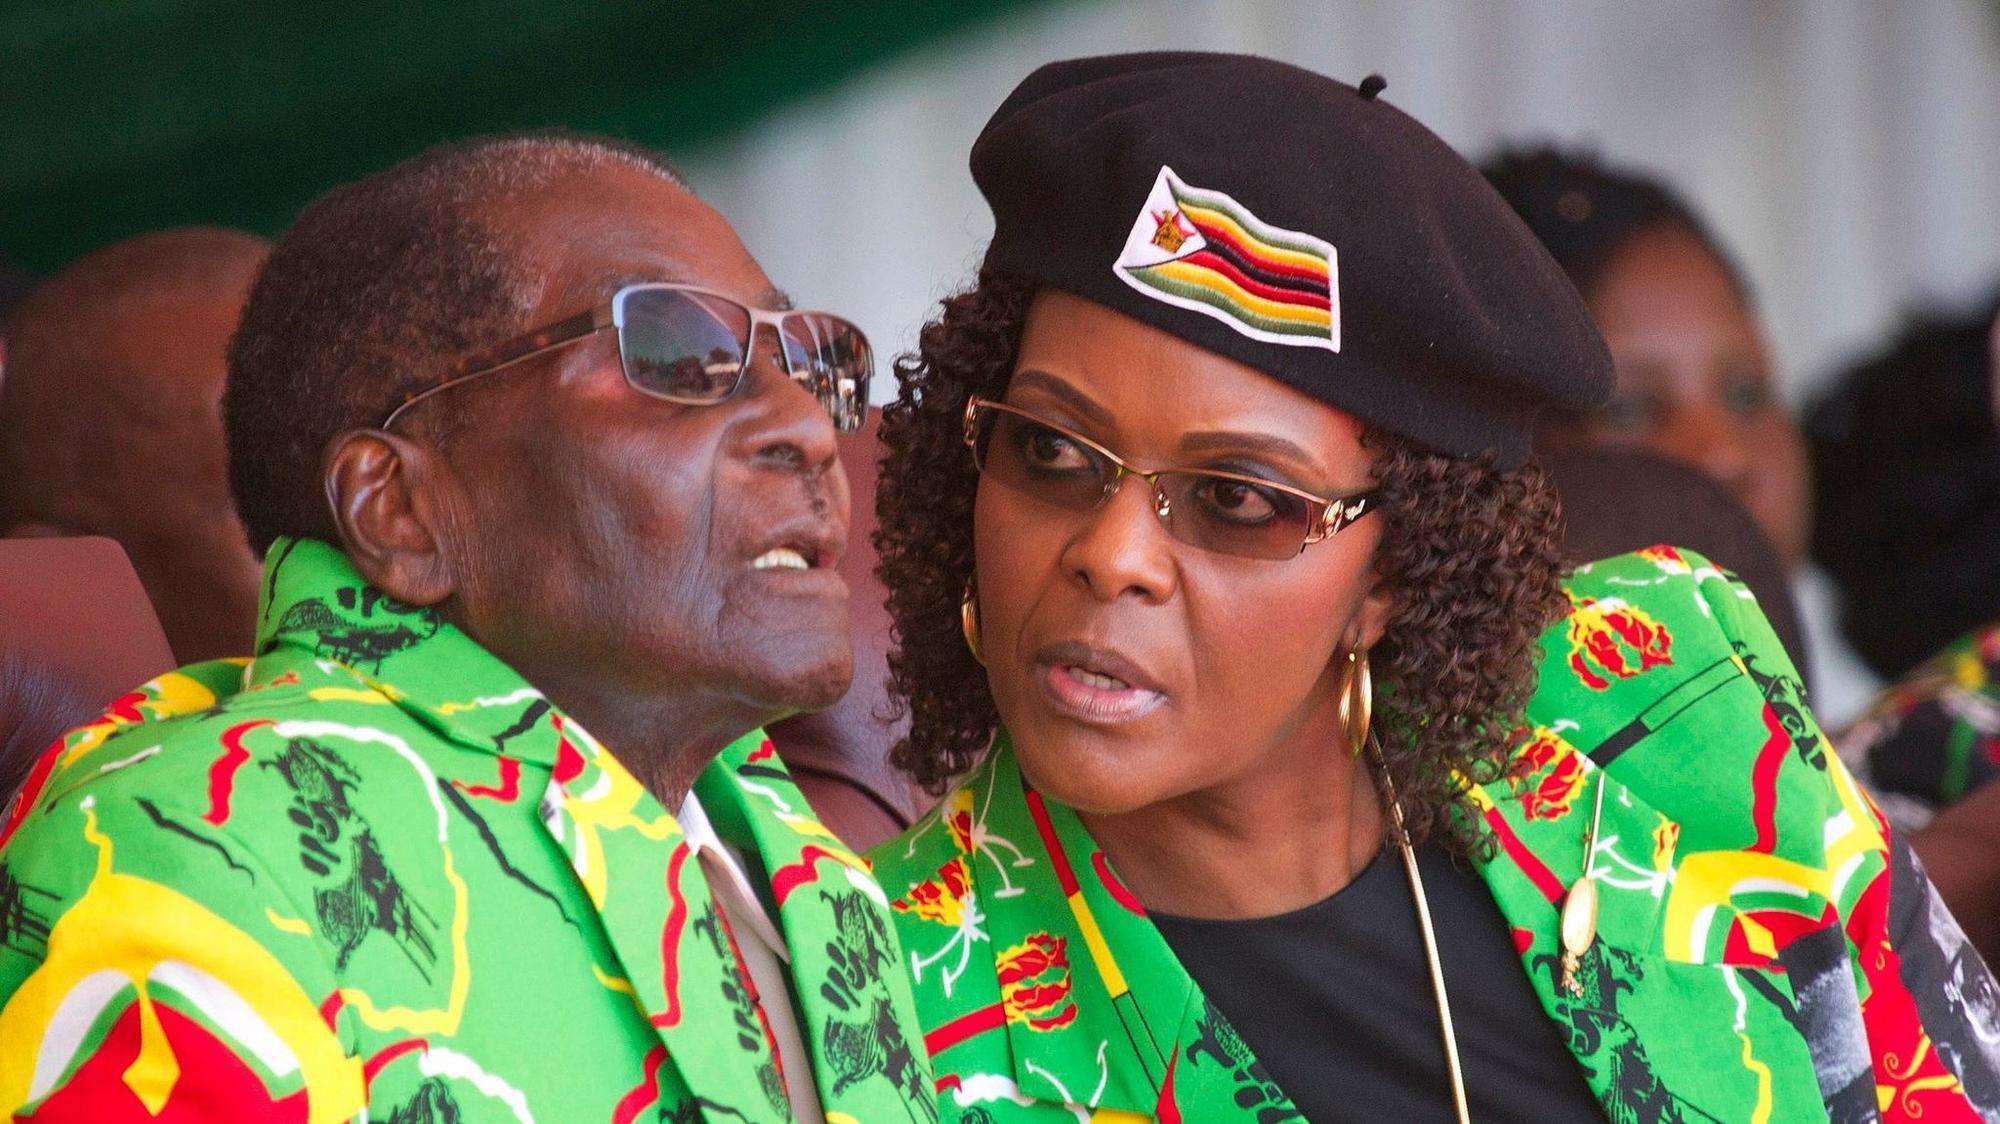 Grace Mugabe and Robert Mugabe on dias